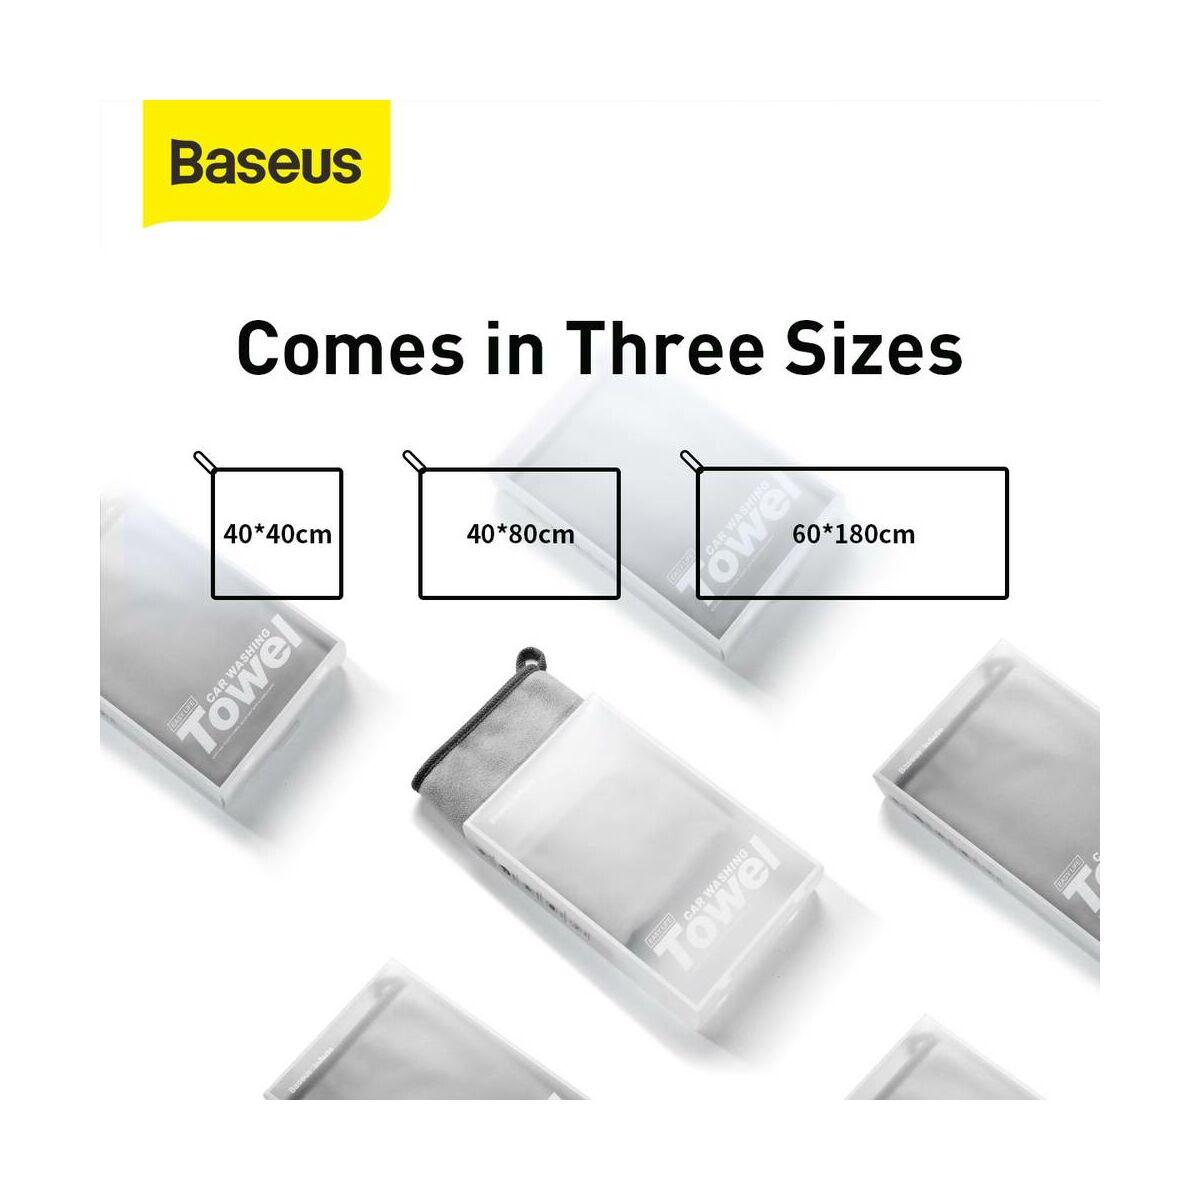 Baseus autós kiegészítő, Life mikroszálas törölköző autó mosás utáni tisztításhoz (40*40mm, 2db / csomag) szürke (CRXCMJ-0G)